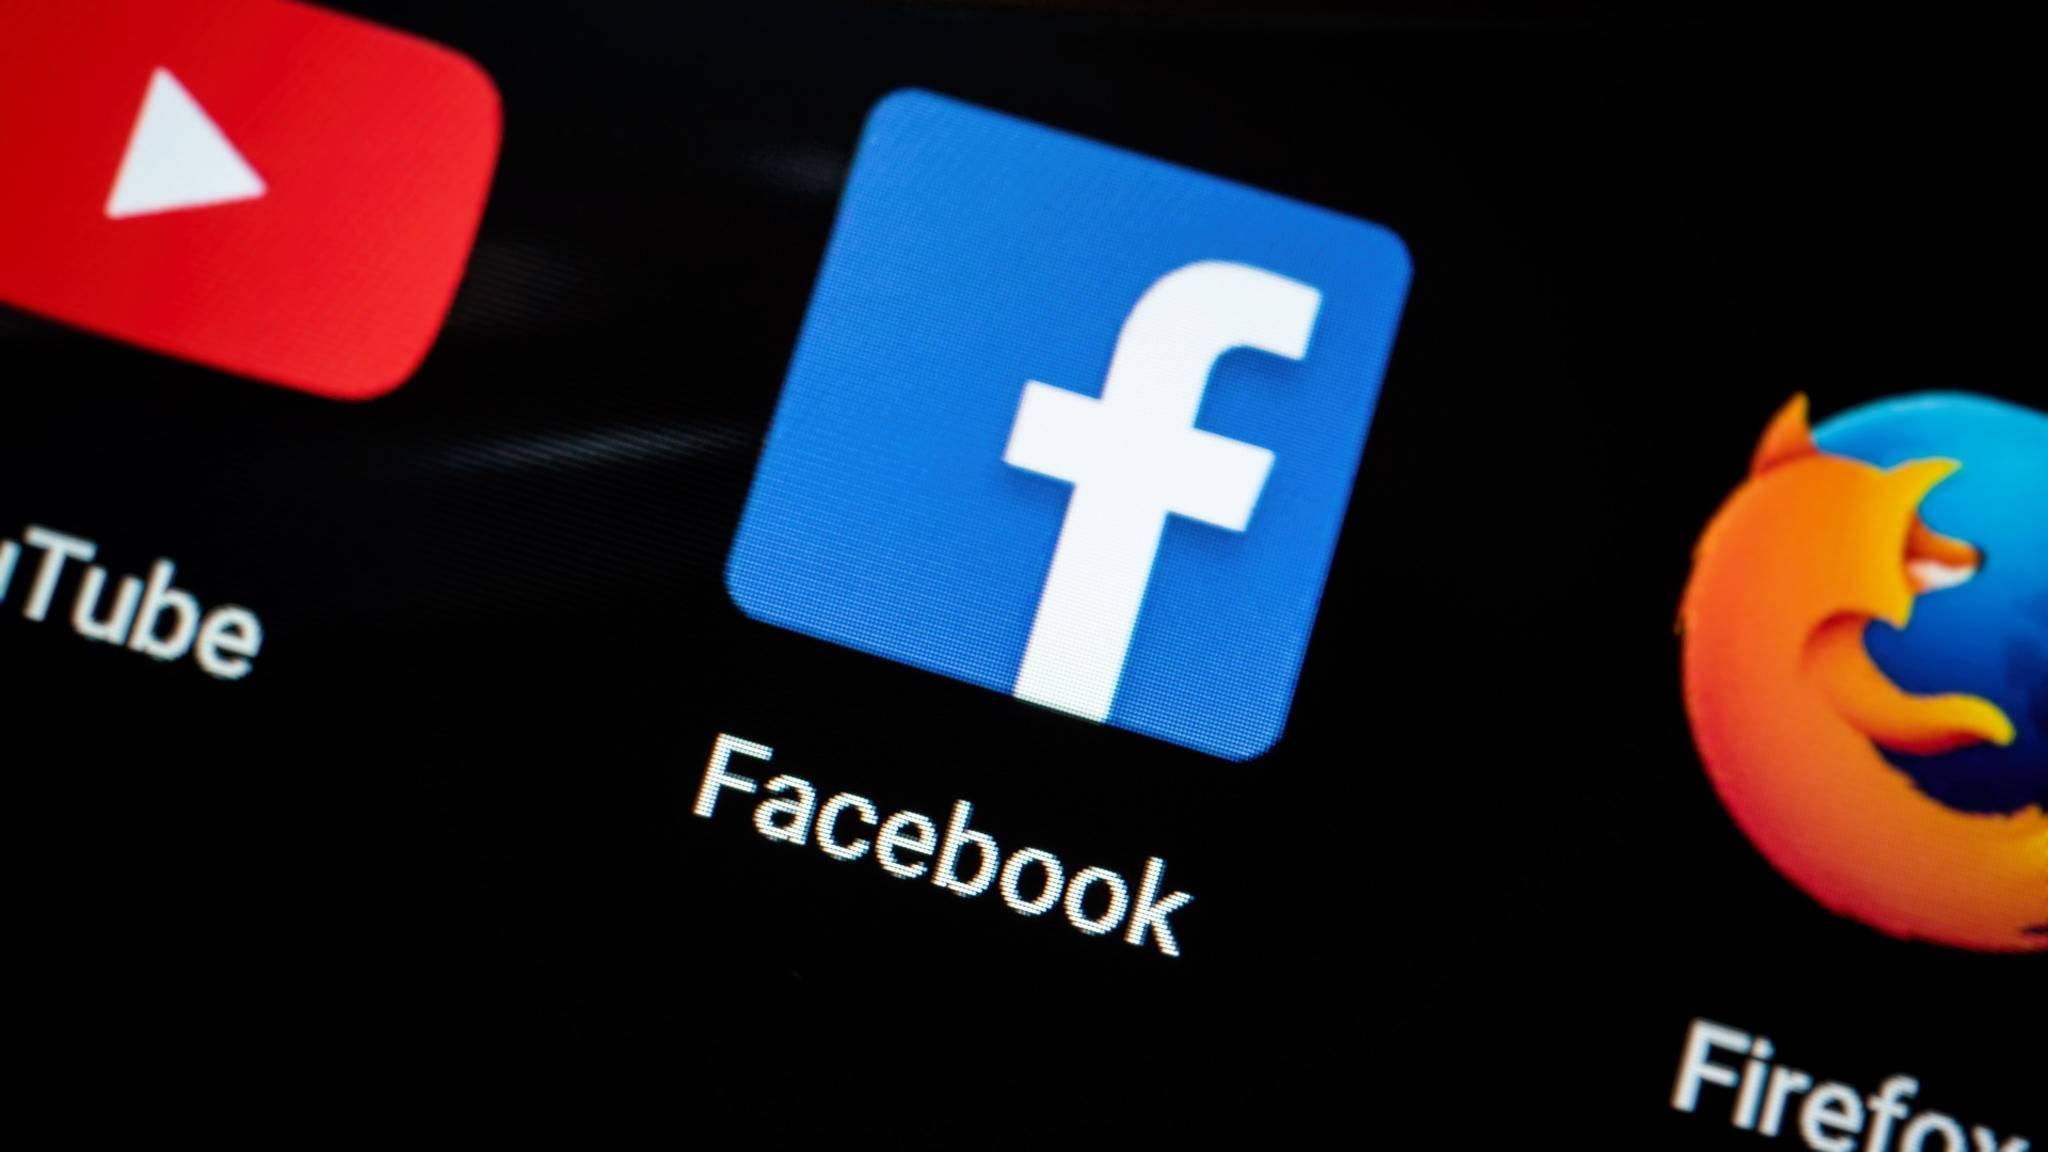 Künftig werden Videos in der Facebook-App automatisch mit Ton wiedergegeben.